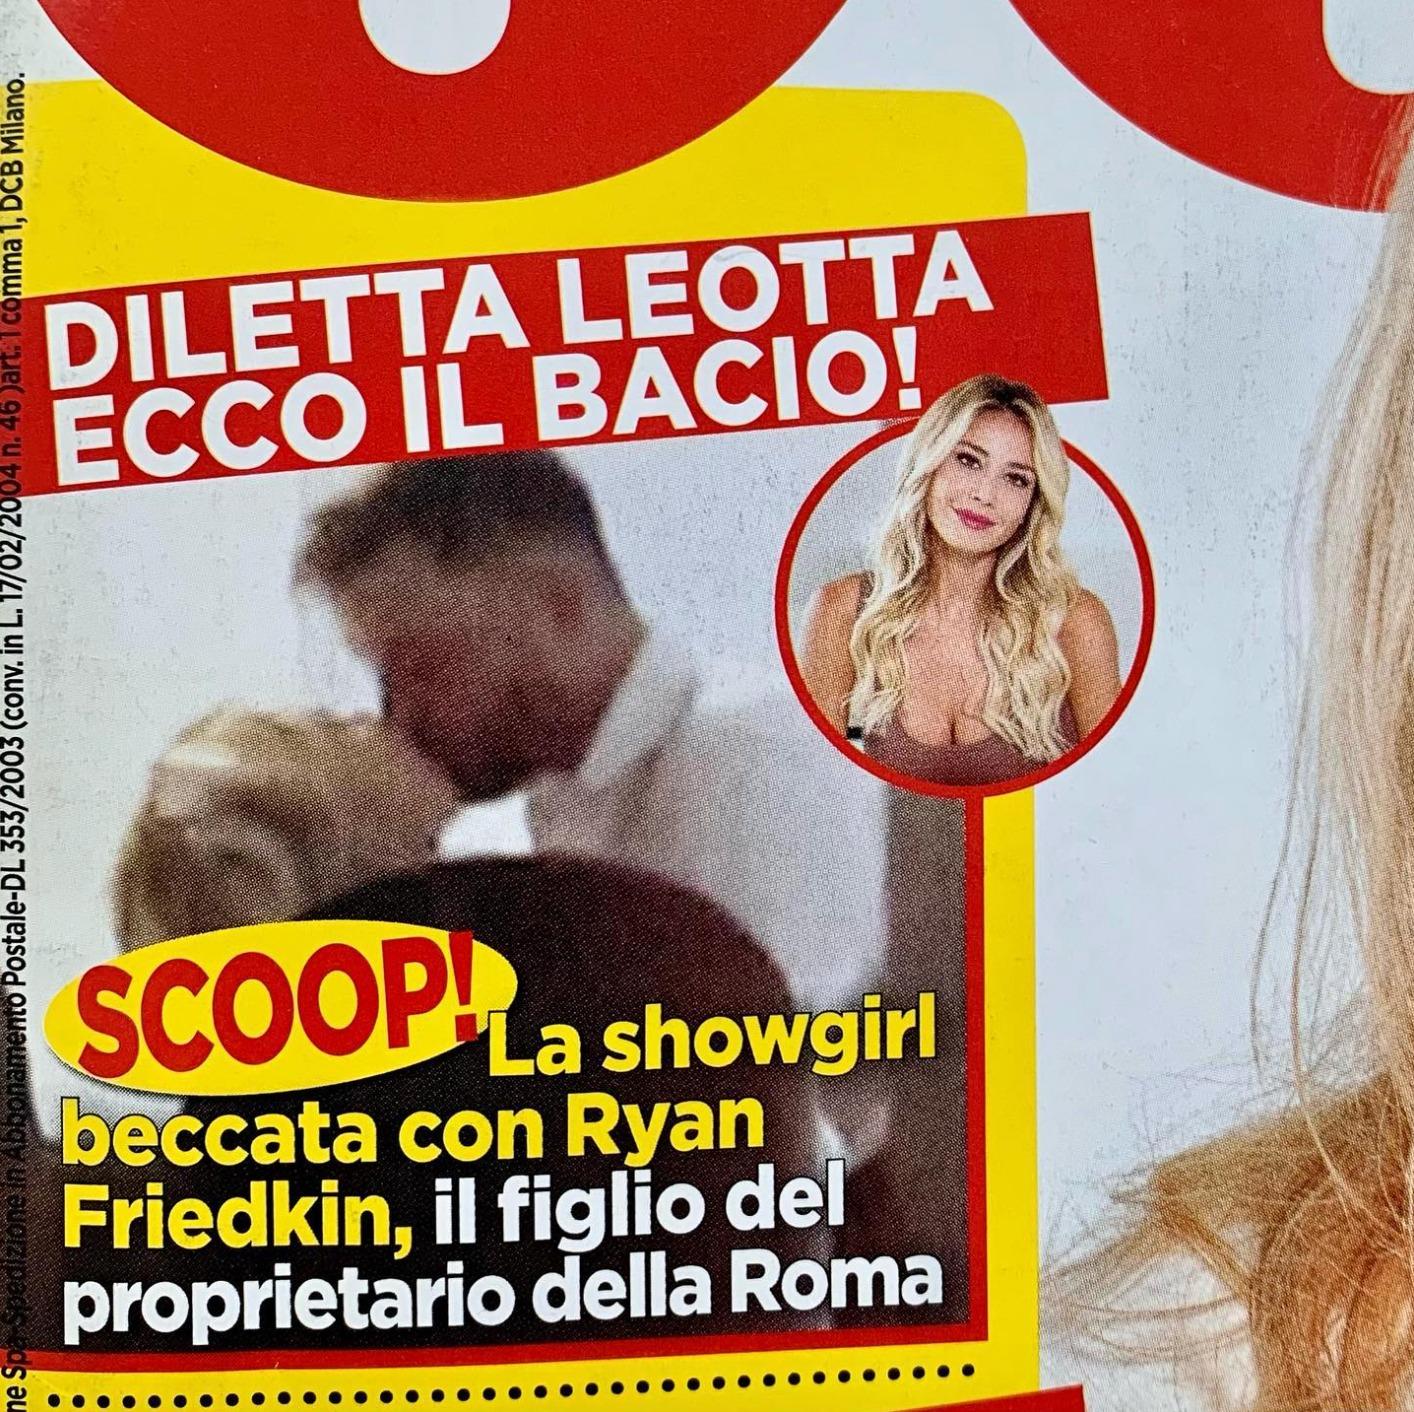 barbara d'urso critiche diletta leotta gossip